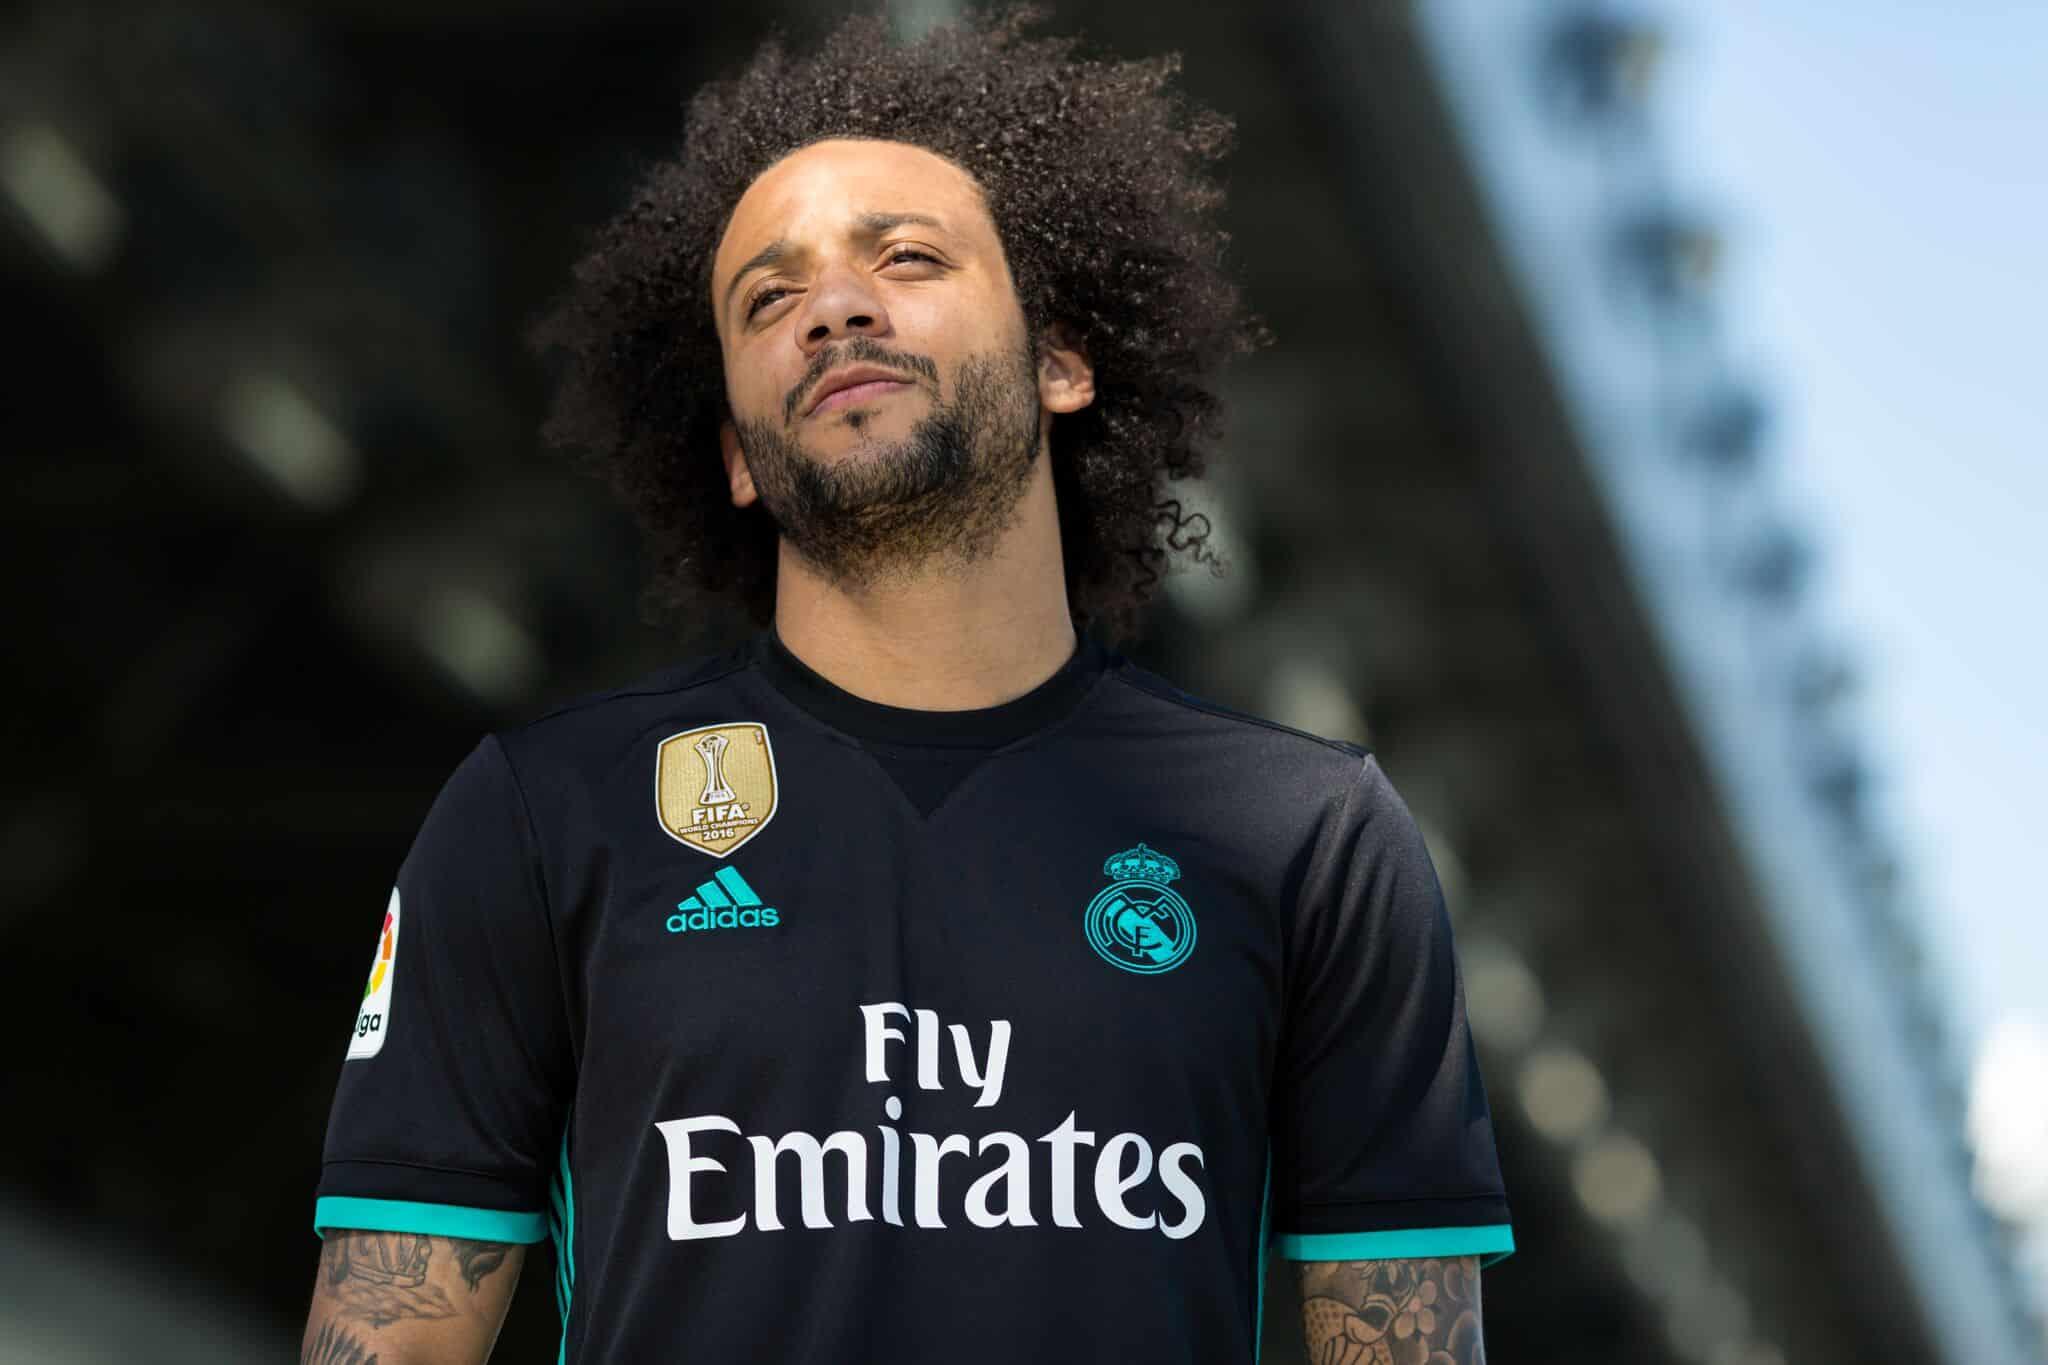 Les nouveaux maillots du Real Madrid